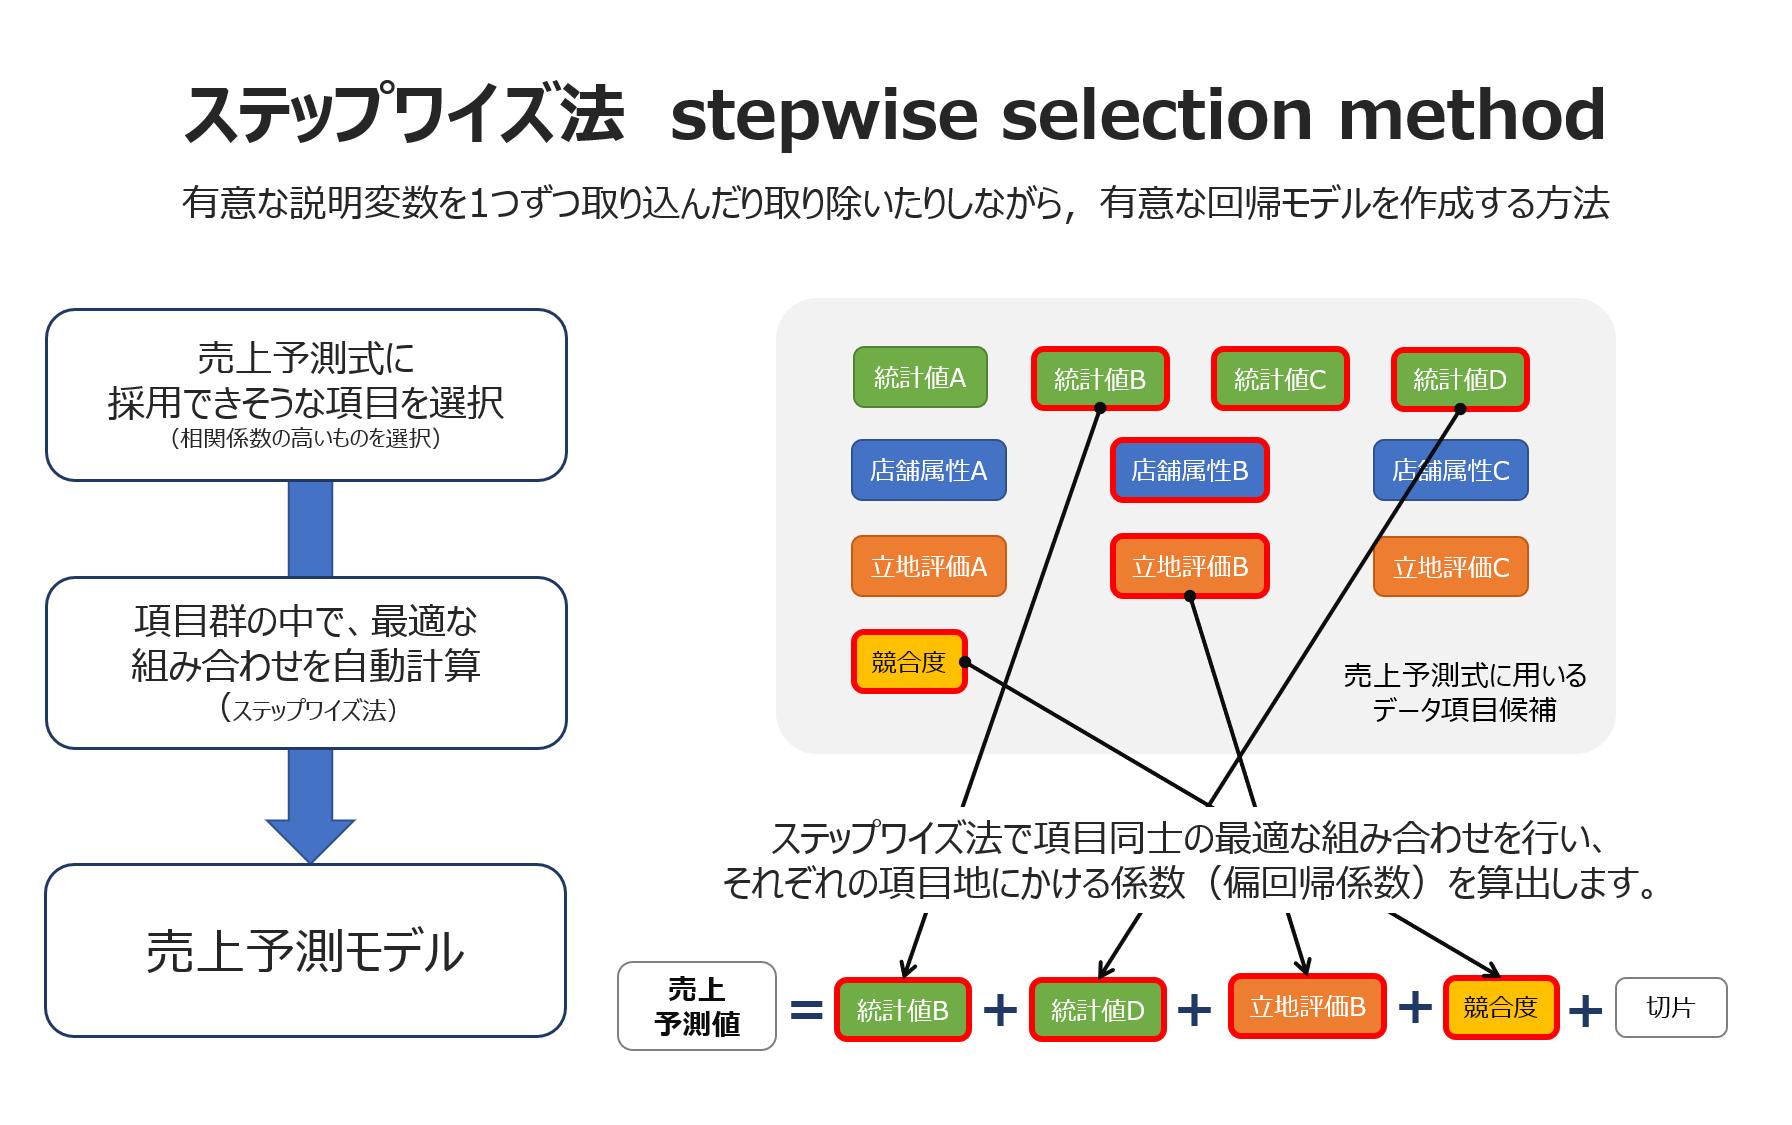 売上予測モデルを構築する<br>(重回帰分析)